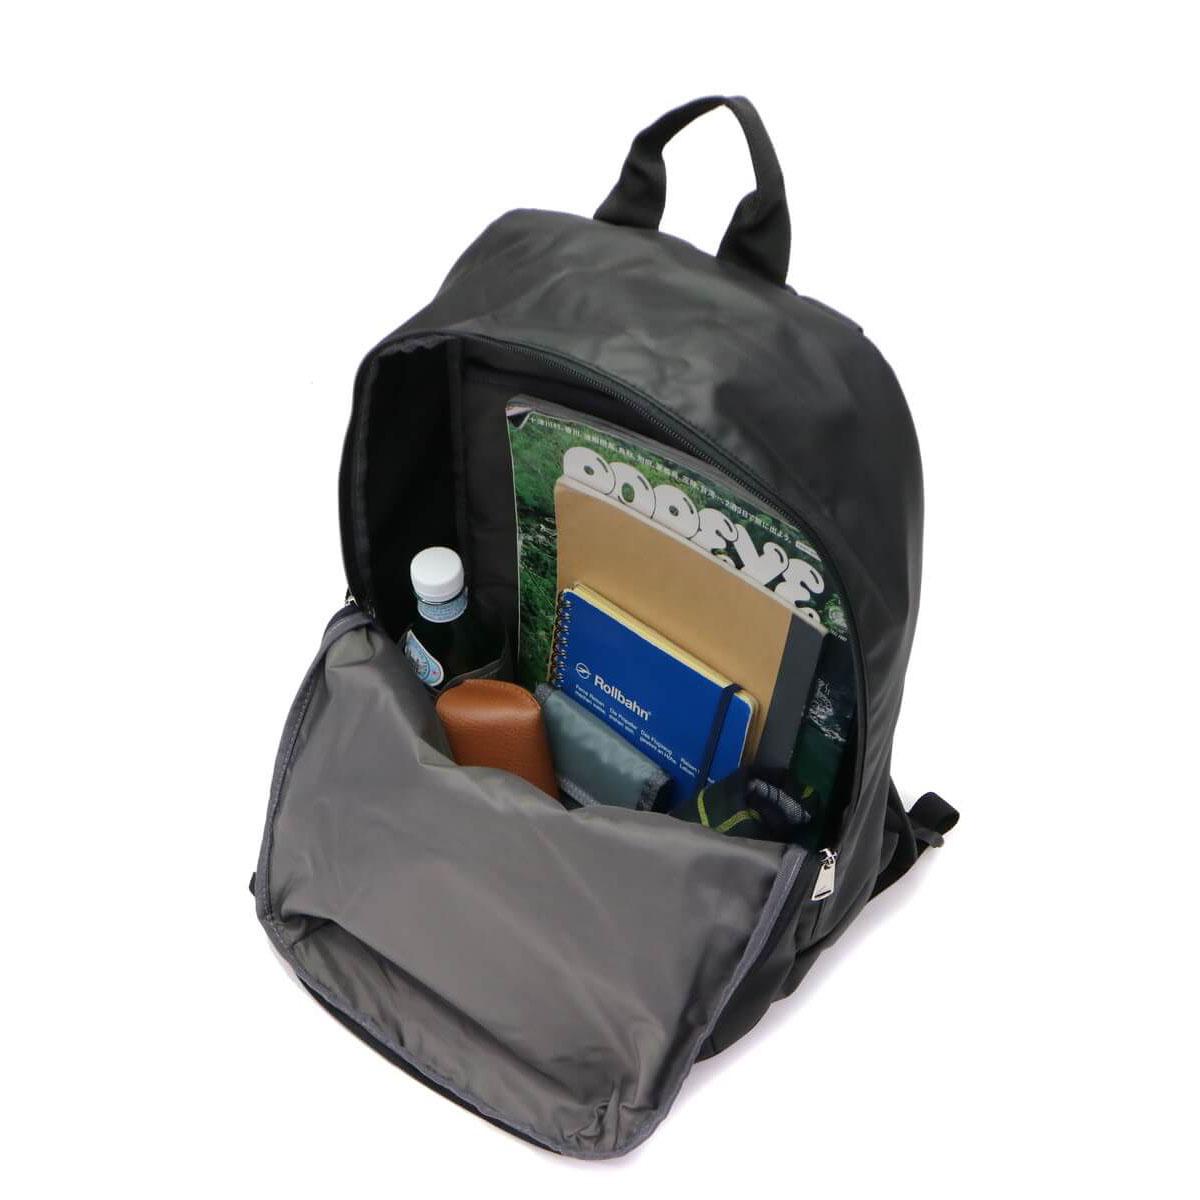 Galleria Bag Luggage Adidas Rucksack Adidas Rucksack